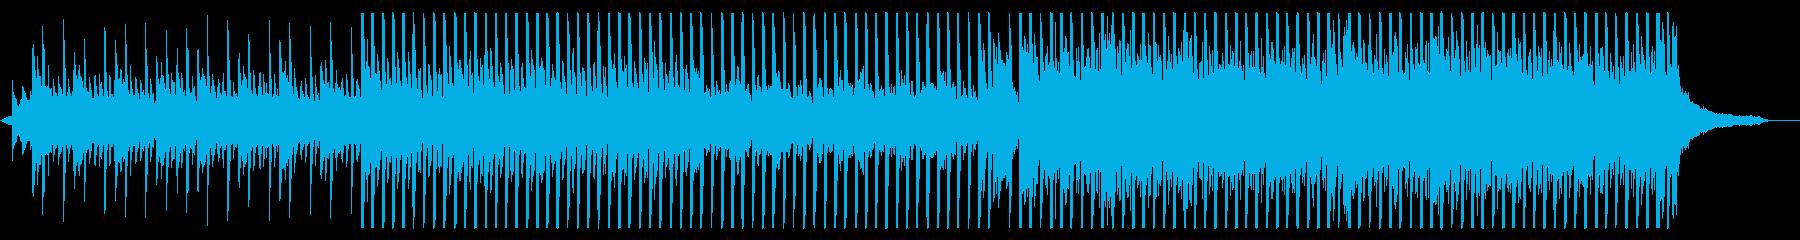 企業VP 爽やかな哀愁あるピアノ②の再生済みの波形